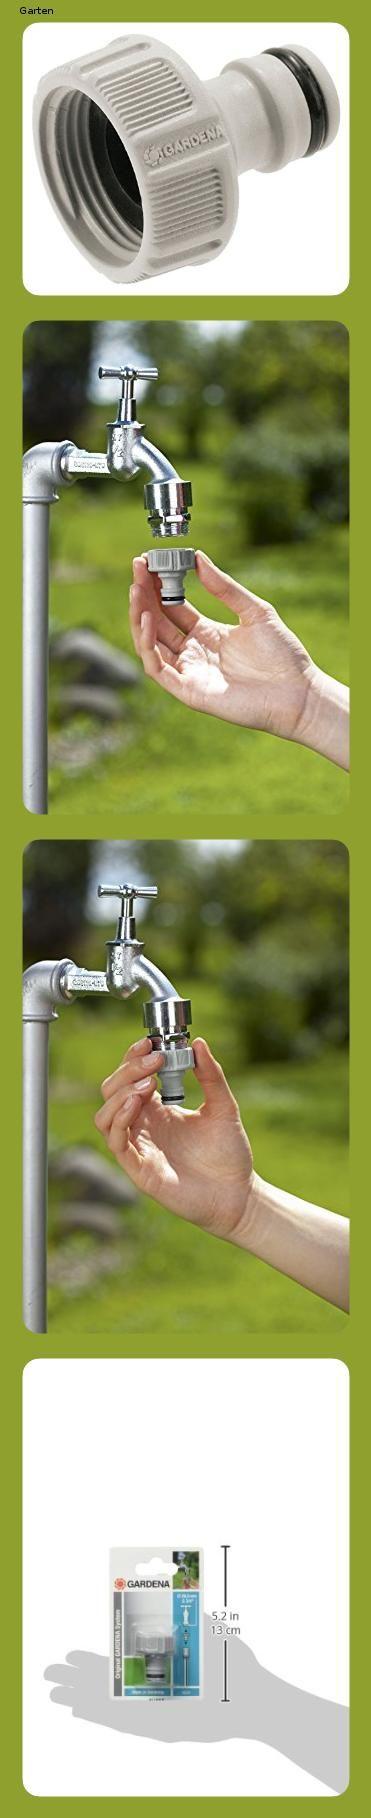 Gardena Hahnverbinder 26 5 Mm G 3 4 Zoll Anschluss Fur Wasserhahne Mit Gewinde Wasserdichte V In 2020 Wasserhahn Verpackung Hahnchen